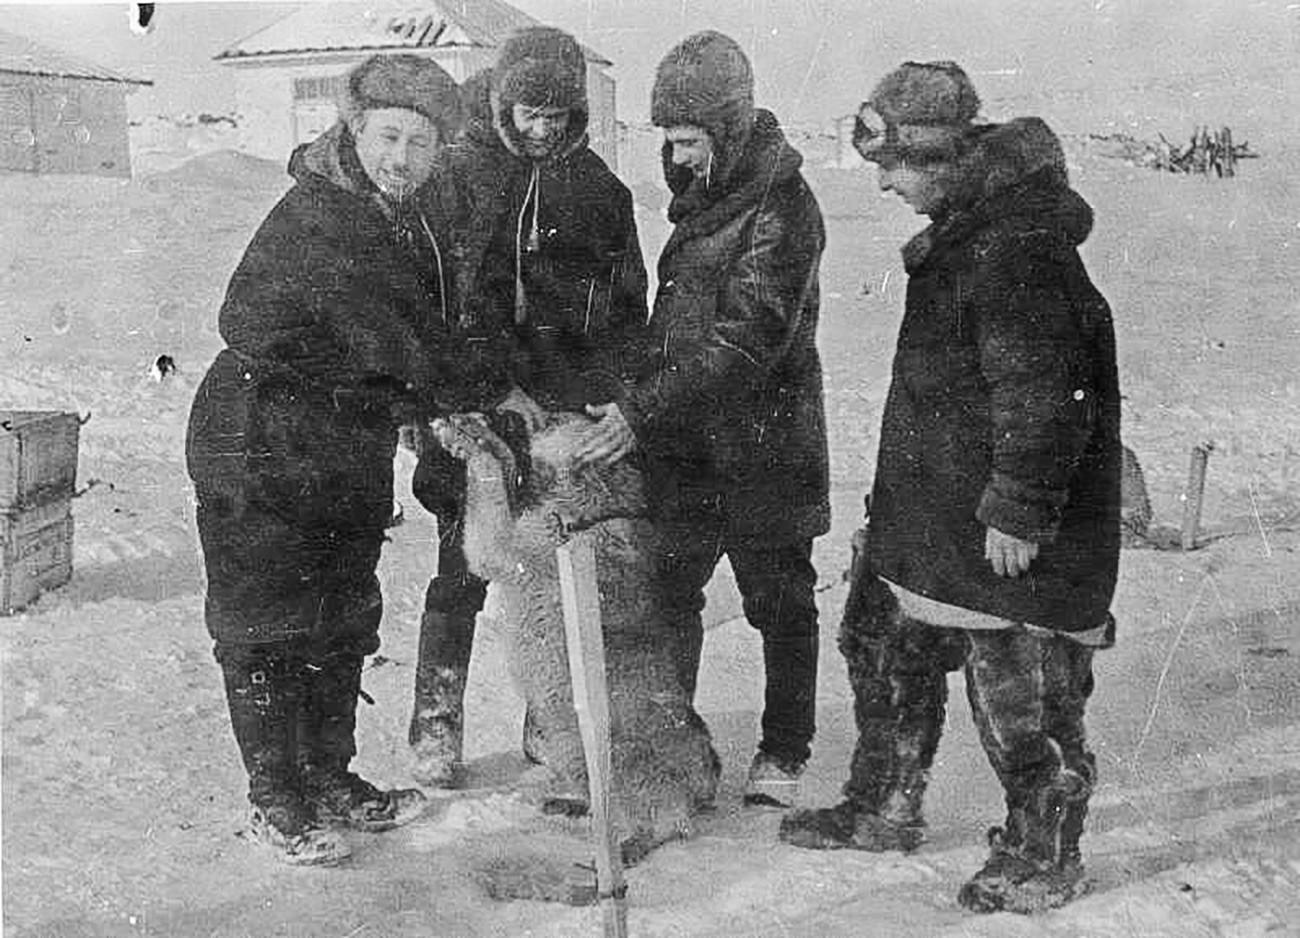 Ekspedicija se iskrcala na led 21. svibnja 1937. Plutajuća postaja